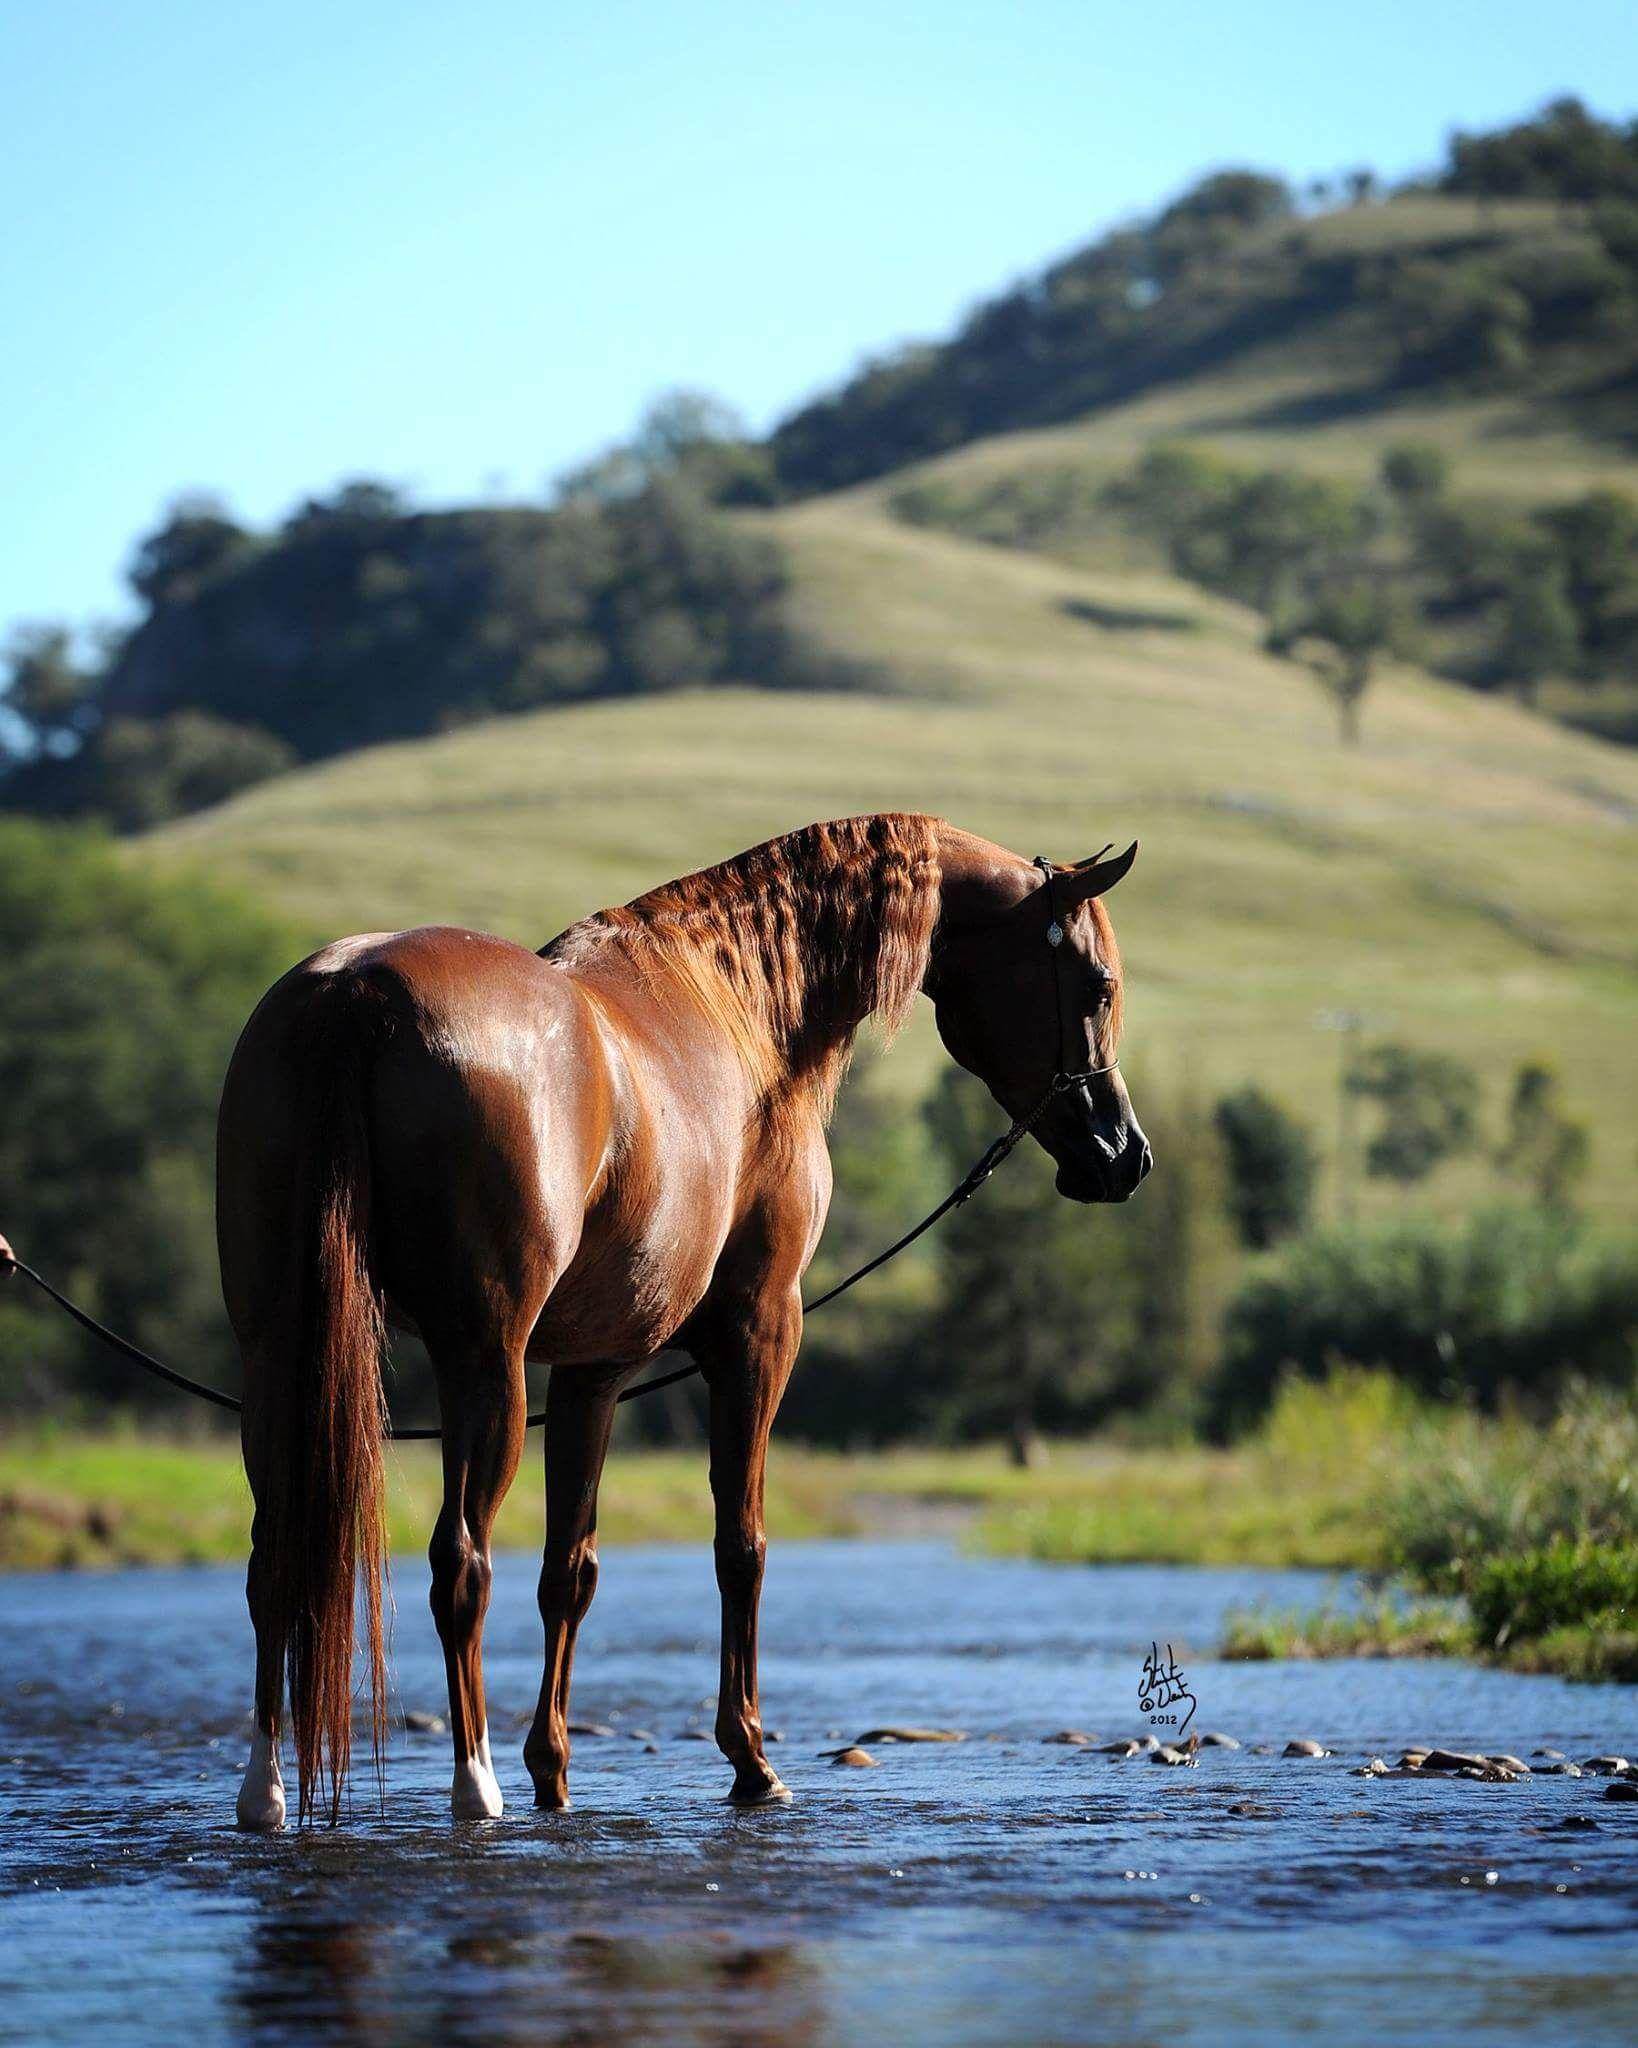 девушкой дикая лошадь картинка живое исполнение